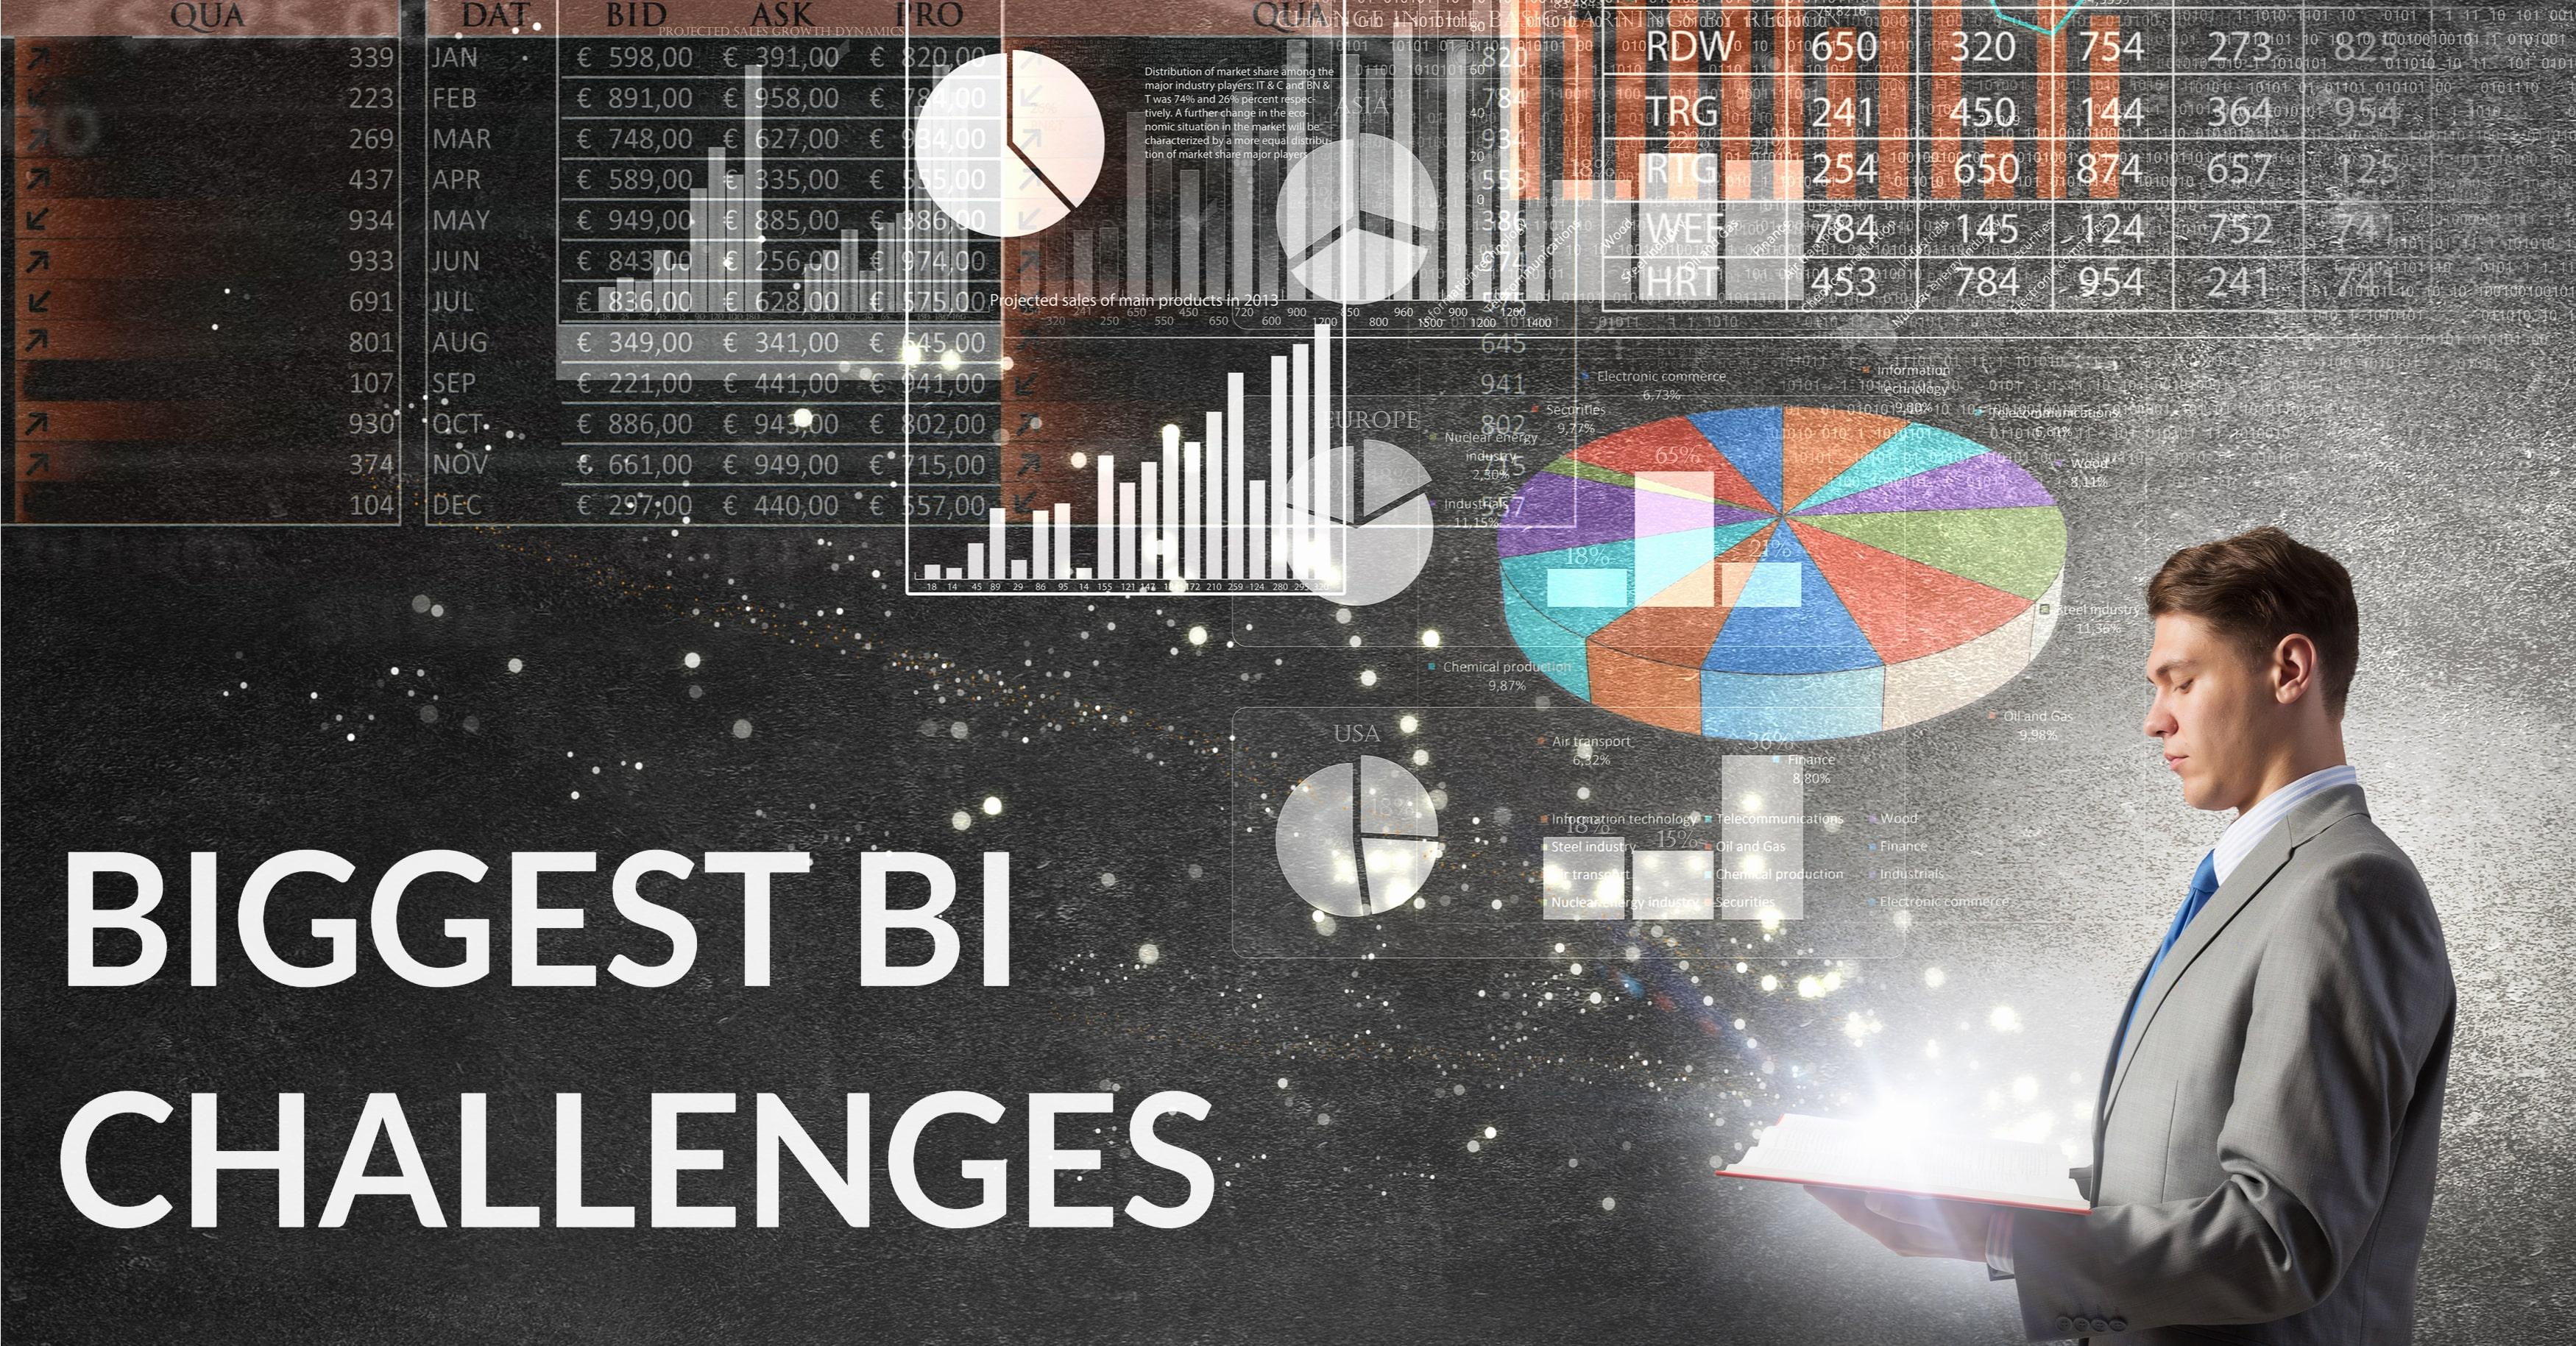 BI Challenges